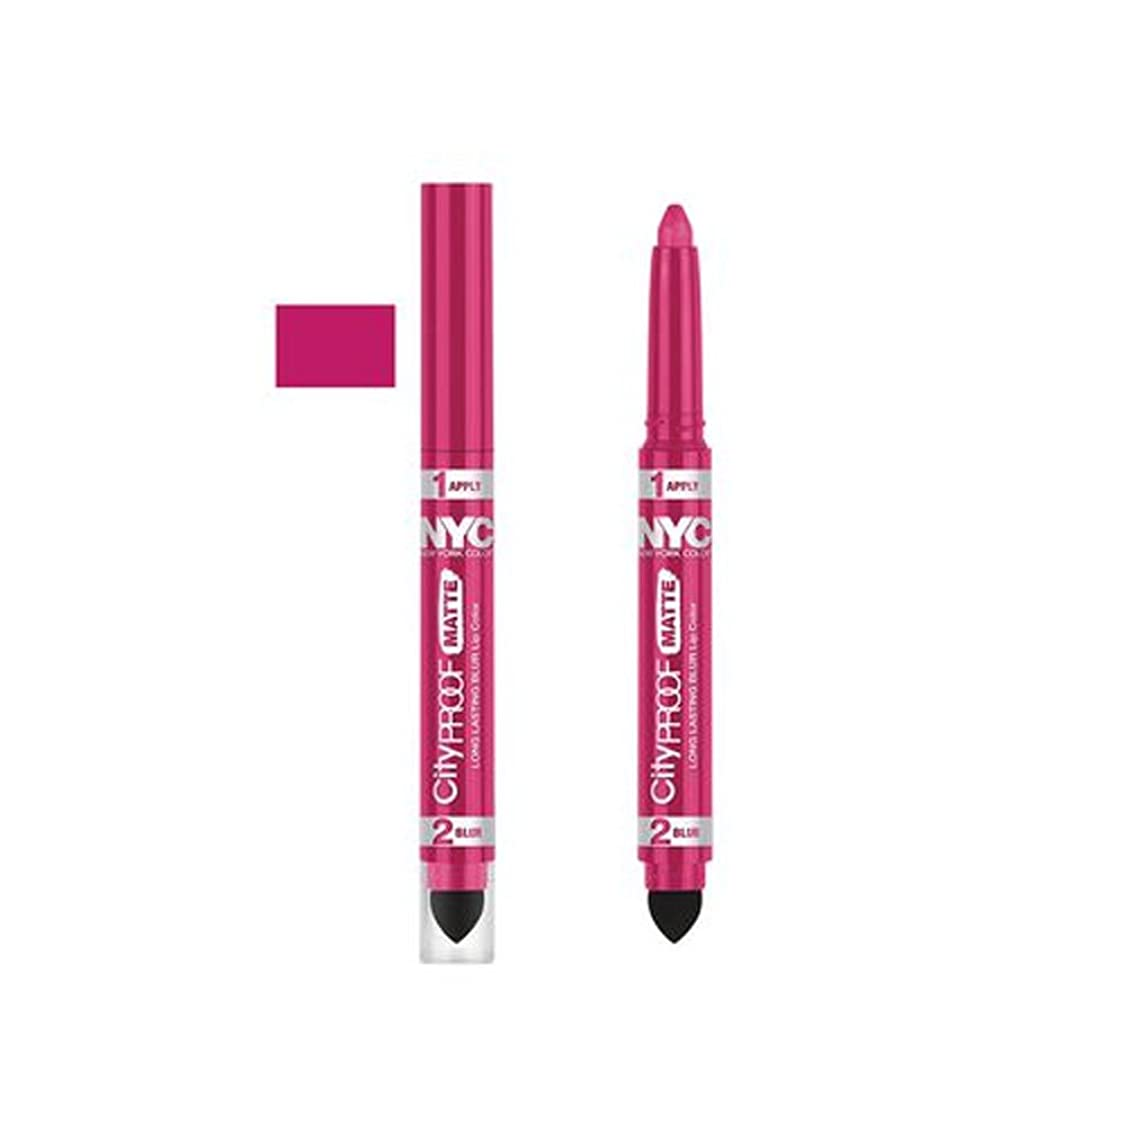 感心する依存リボン(6 Pack) NYC City Proof Matte Blur Lip Color - Fashion Fuchsia (並行輸入品)